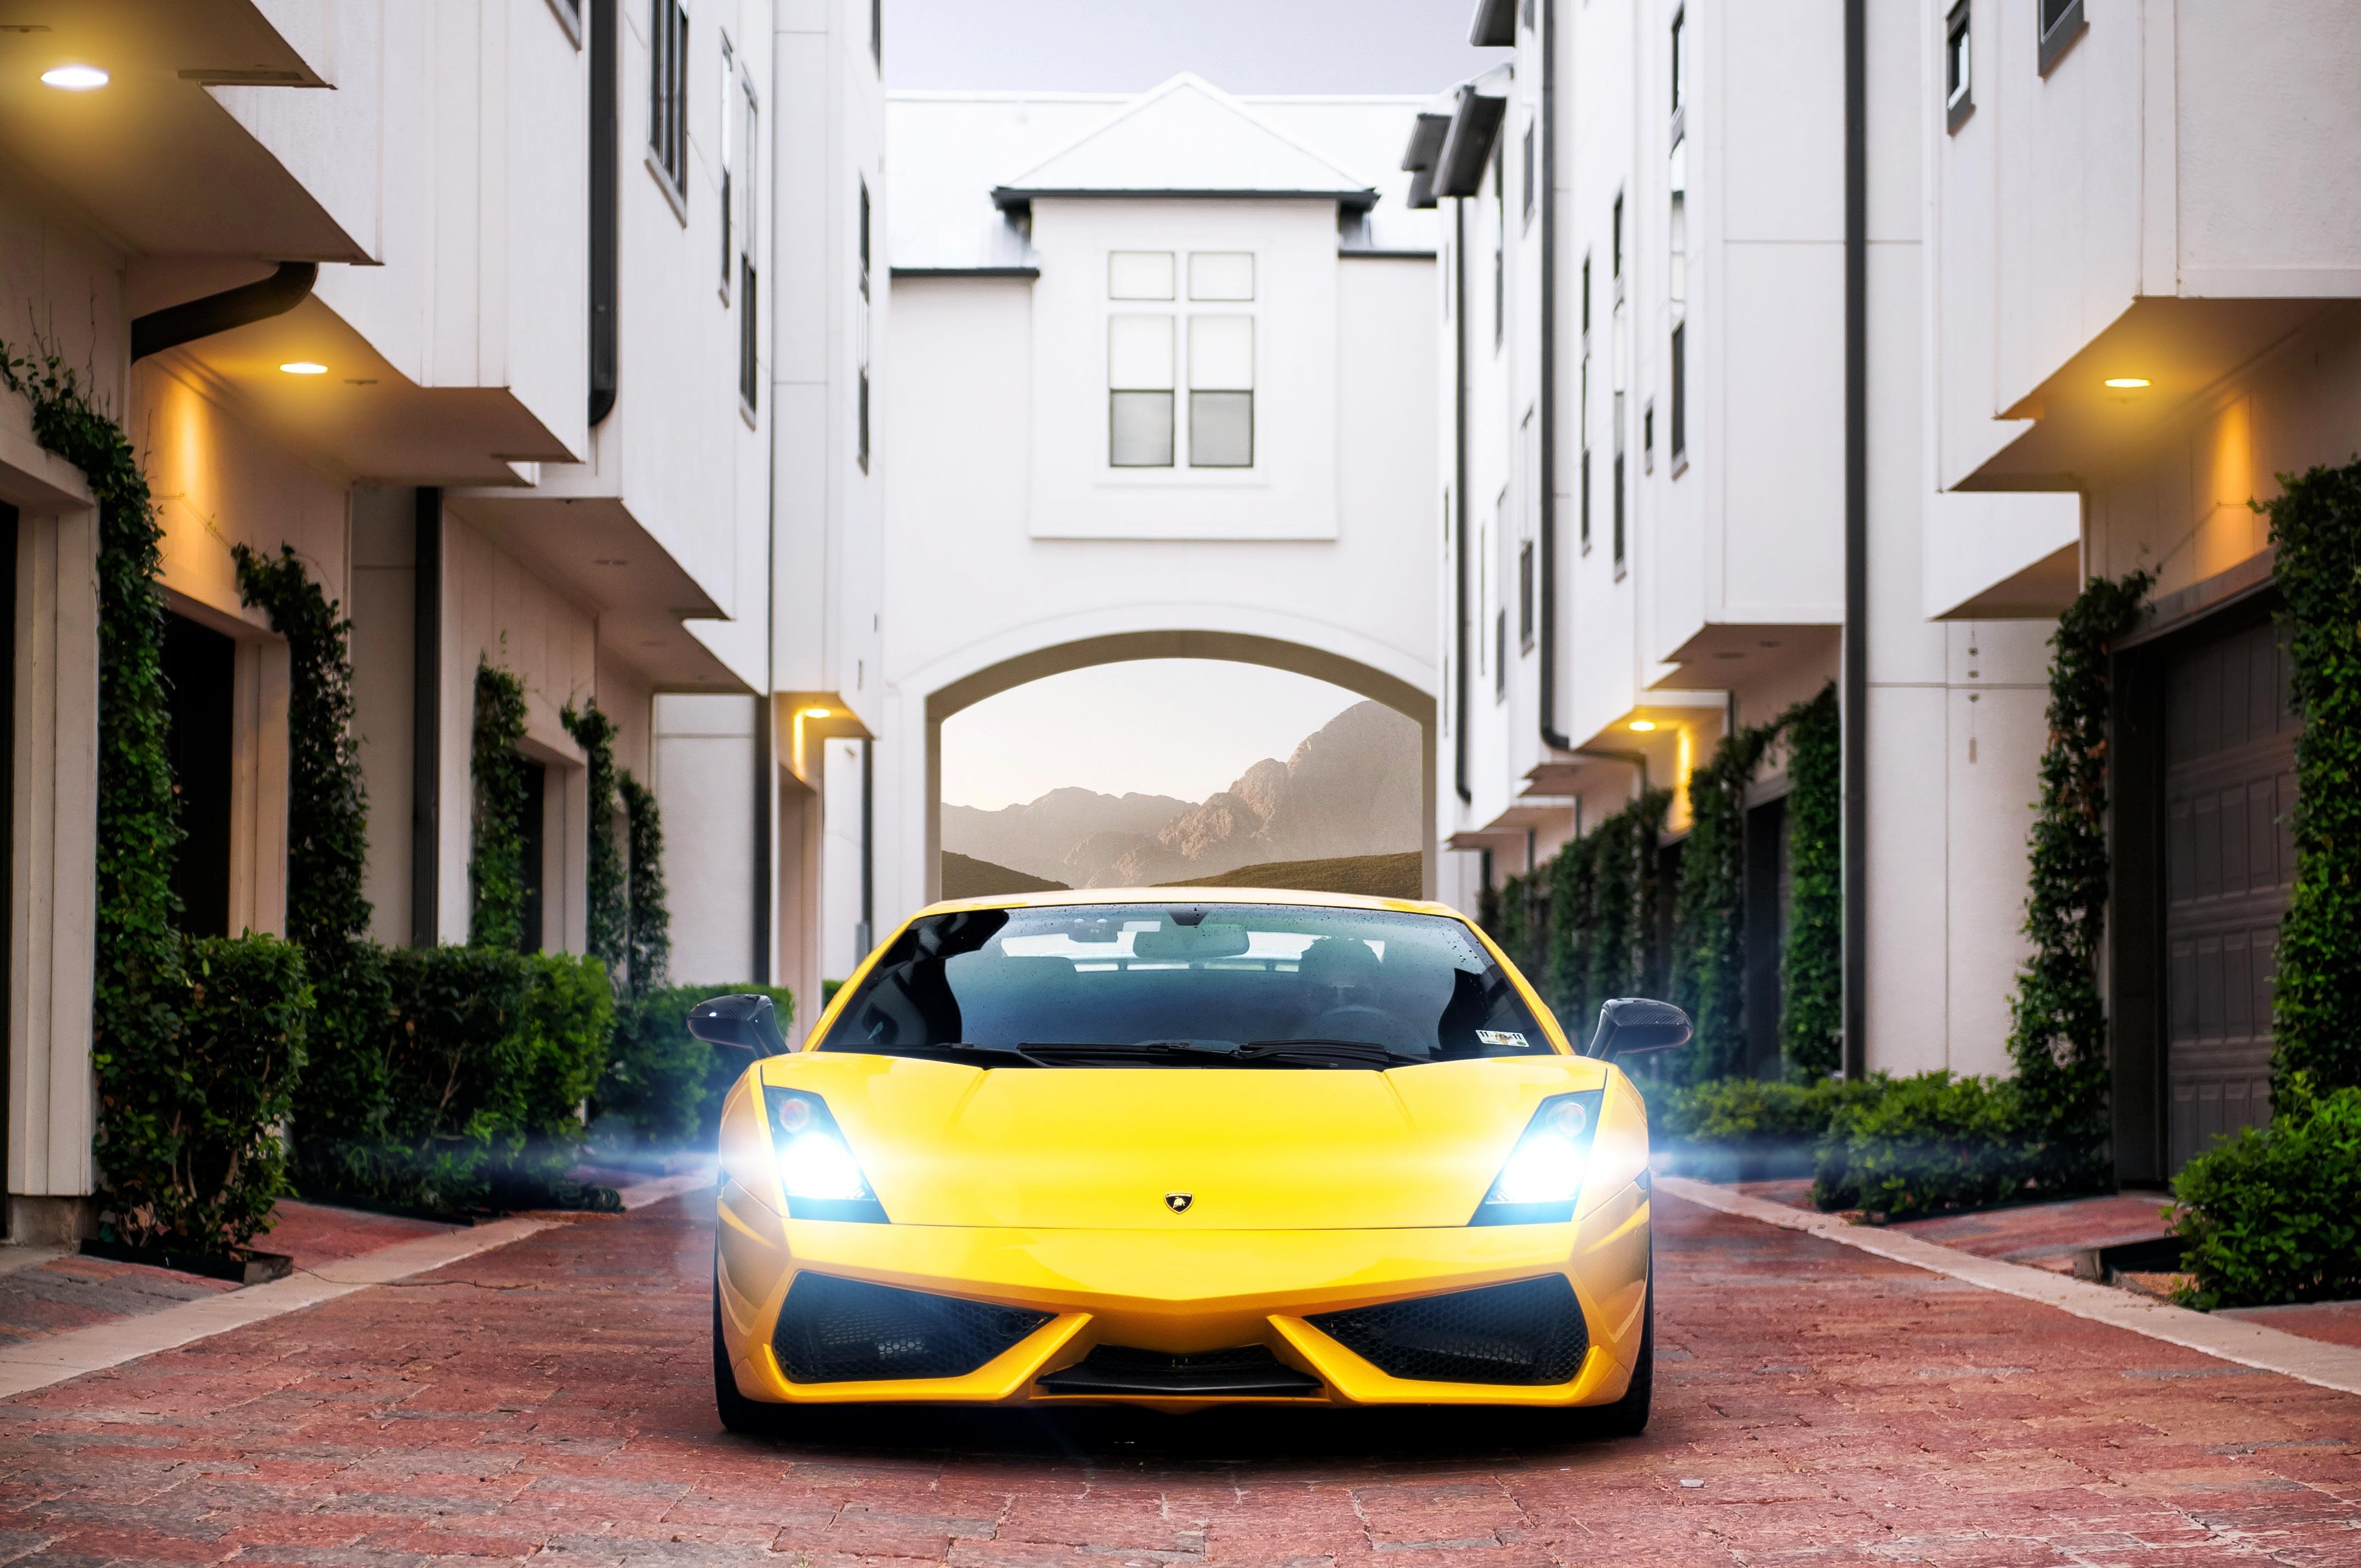 автомобиль желтый car yellow  № 547032 загрузить